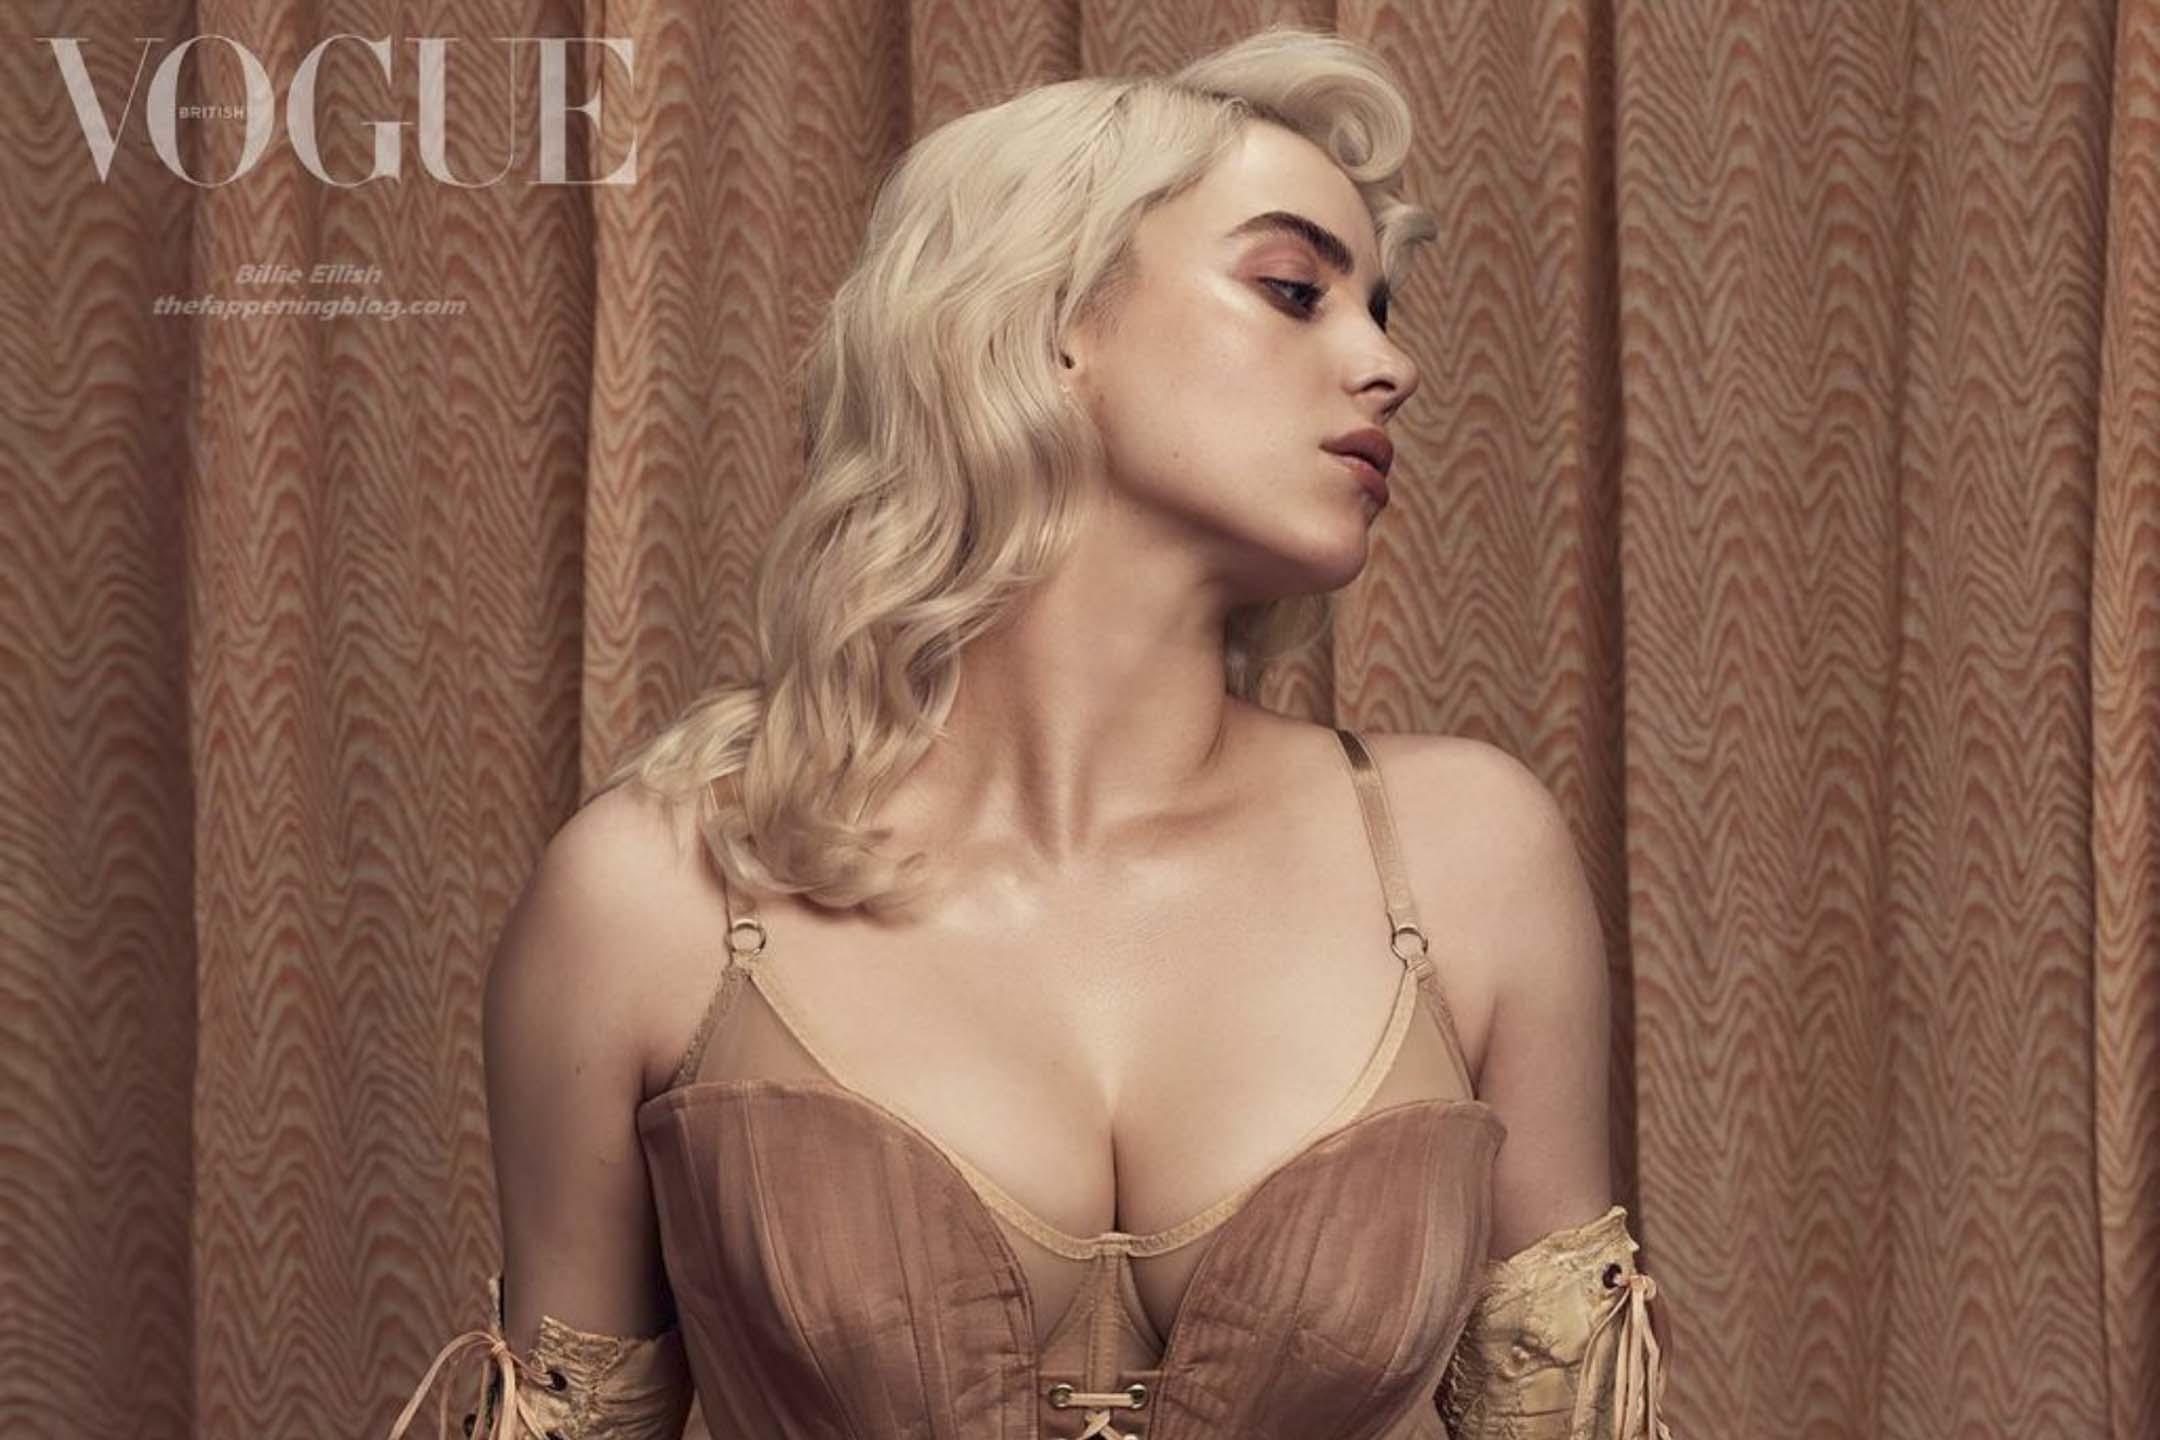 BillieEilish 以重新形象登上《Vogue》雜誌英國版六月號的封面。 圖片來源:BillieEilish IG